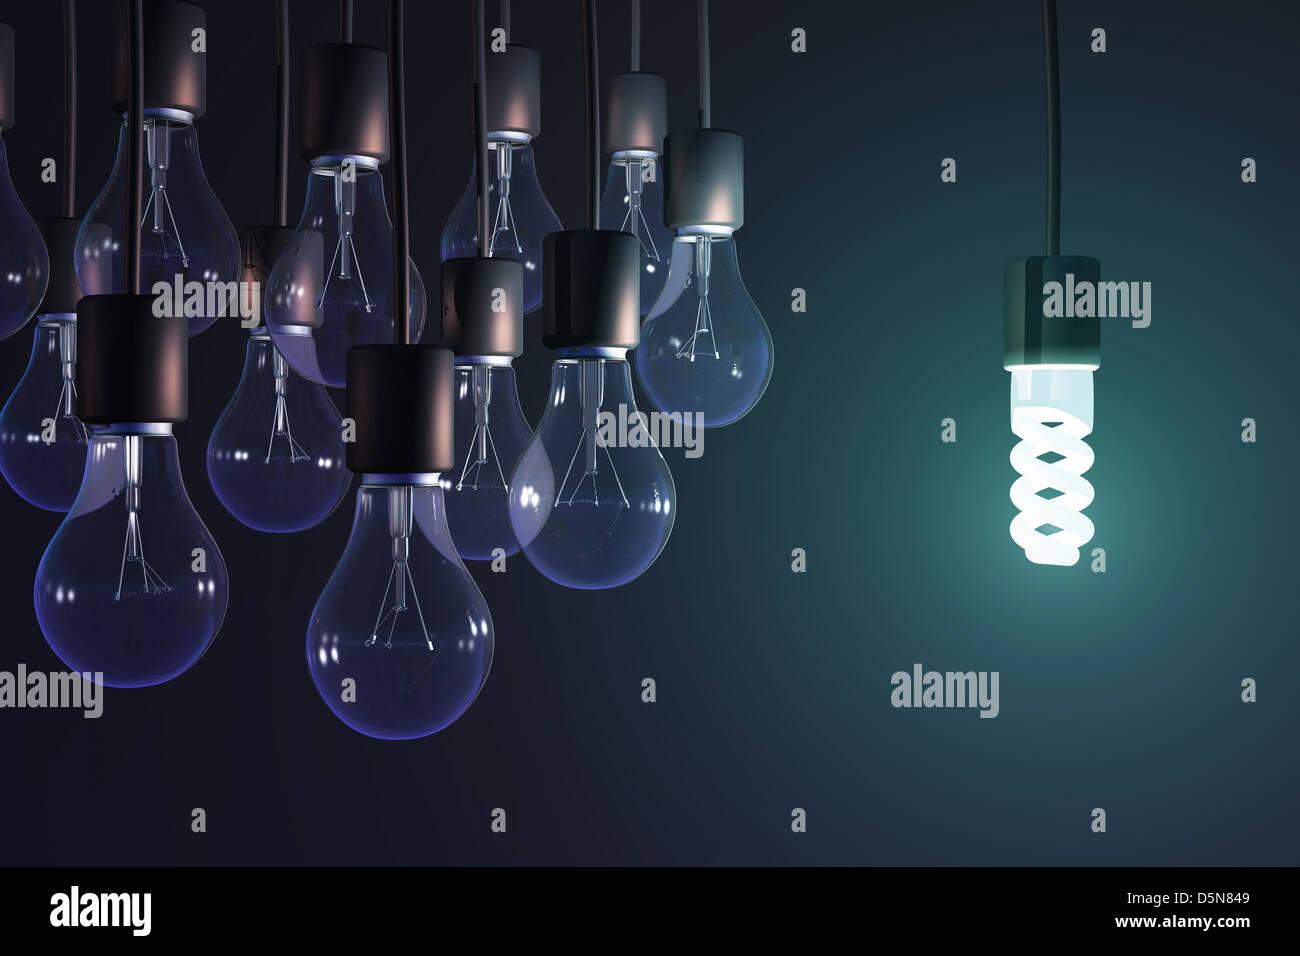 Lámpara de ahorro de energía entre el gris de la bombilla Imagen De Stock